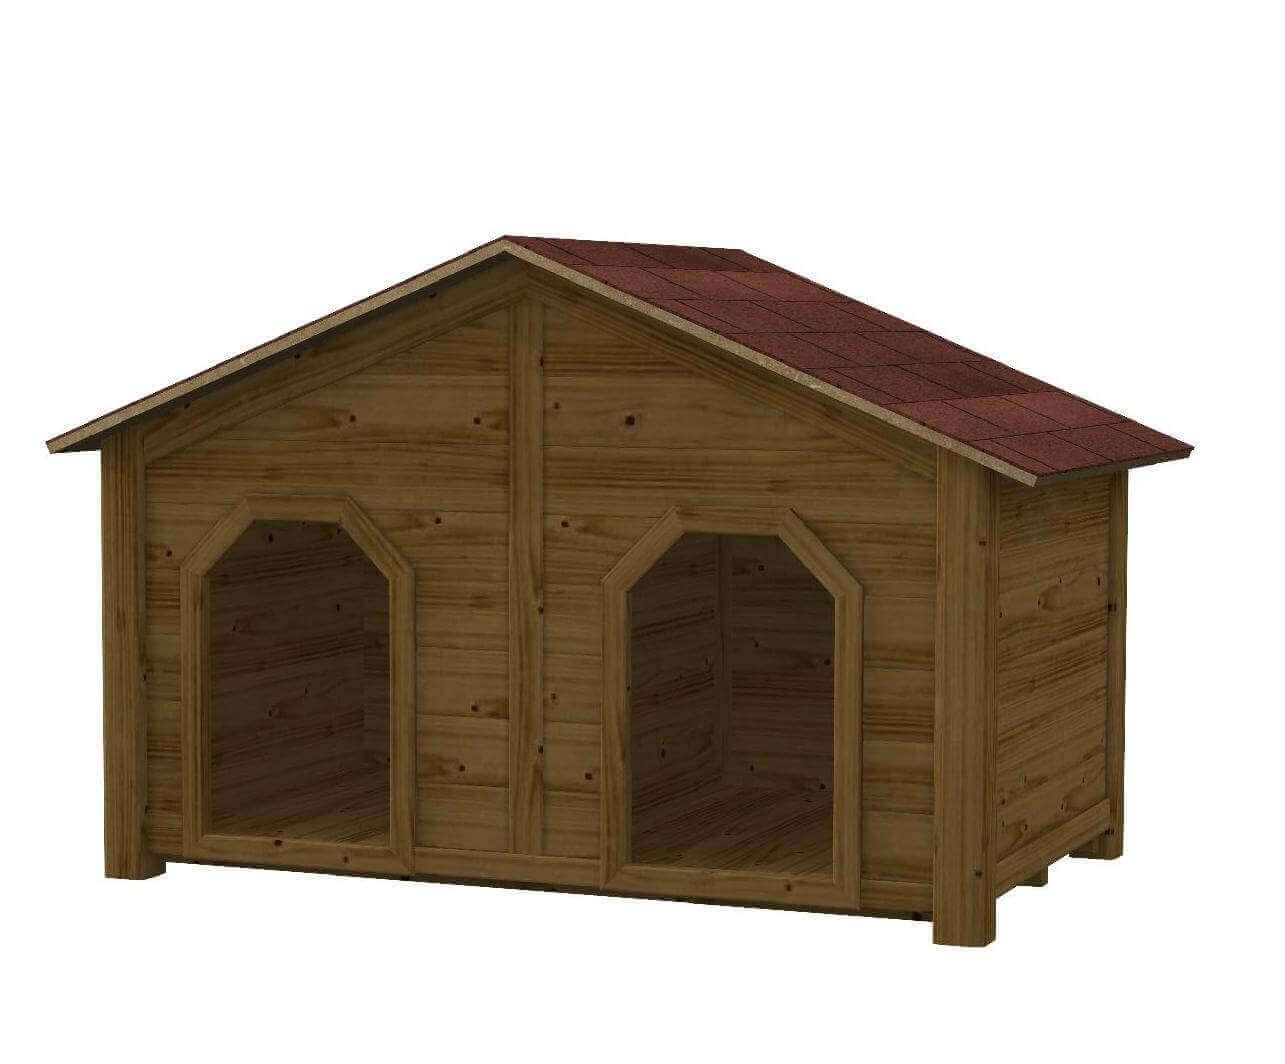 Cuccia doppia in legno per cani da esterno kiwi for Cancelletti per cani da esterno